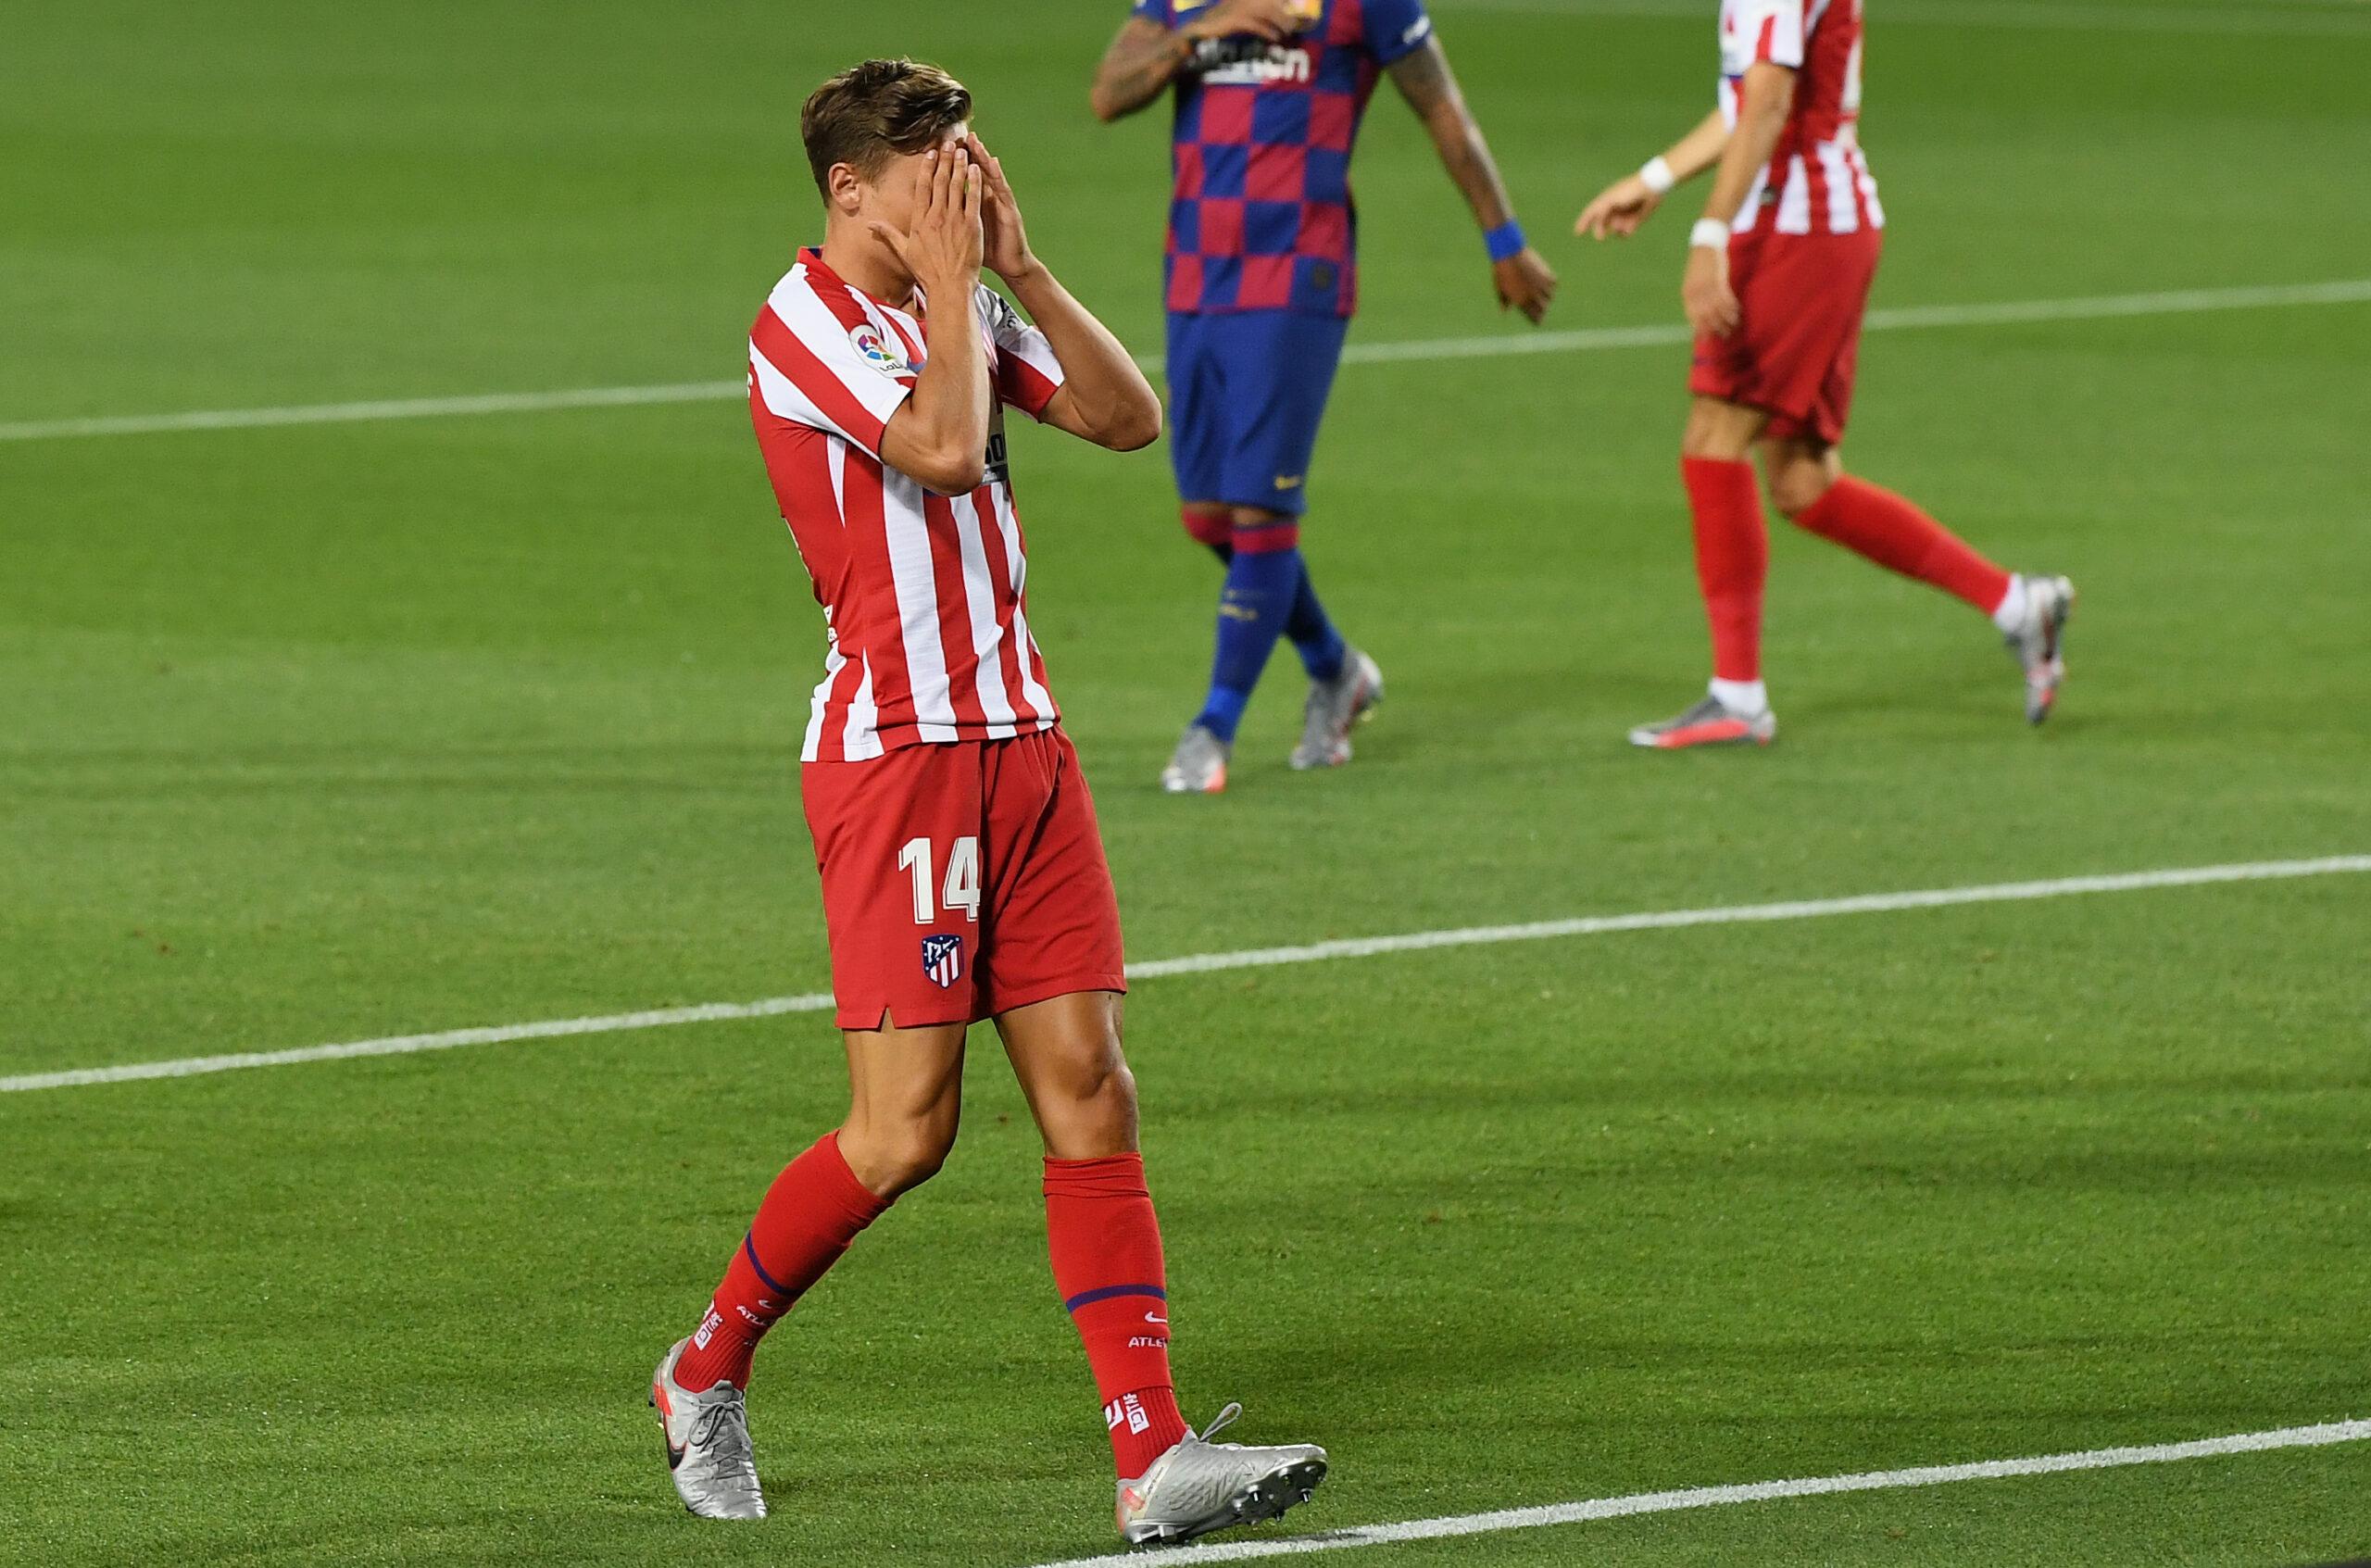 ¡Llorente sin tapujos! Así explicaba por qué dejo el Real Madrid por Atleti